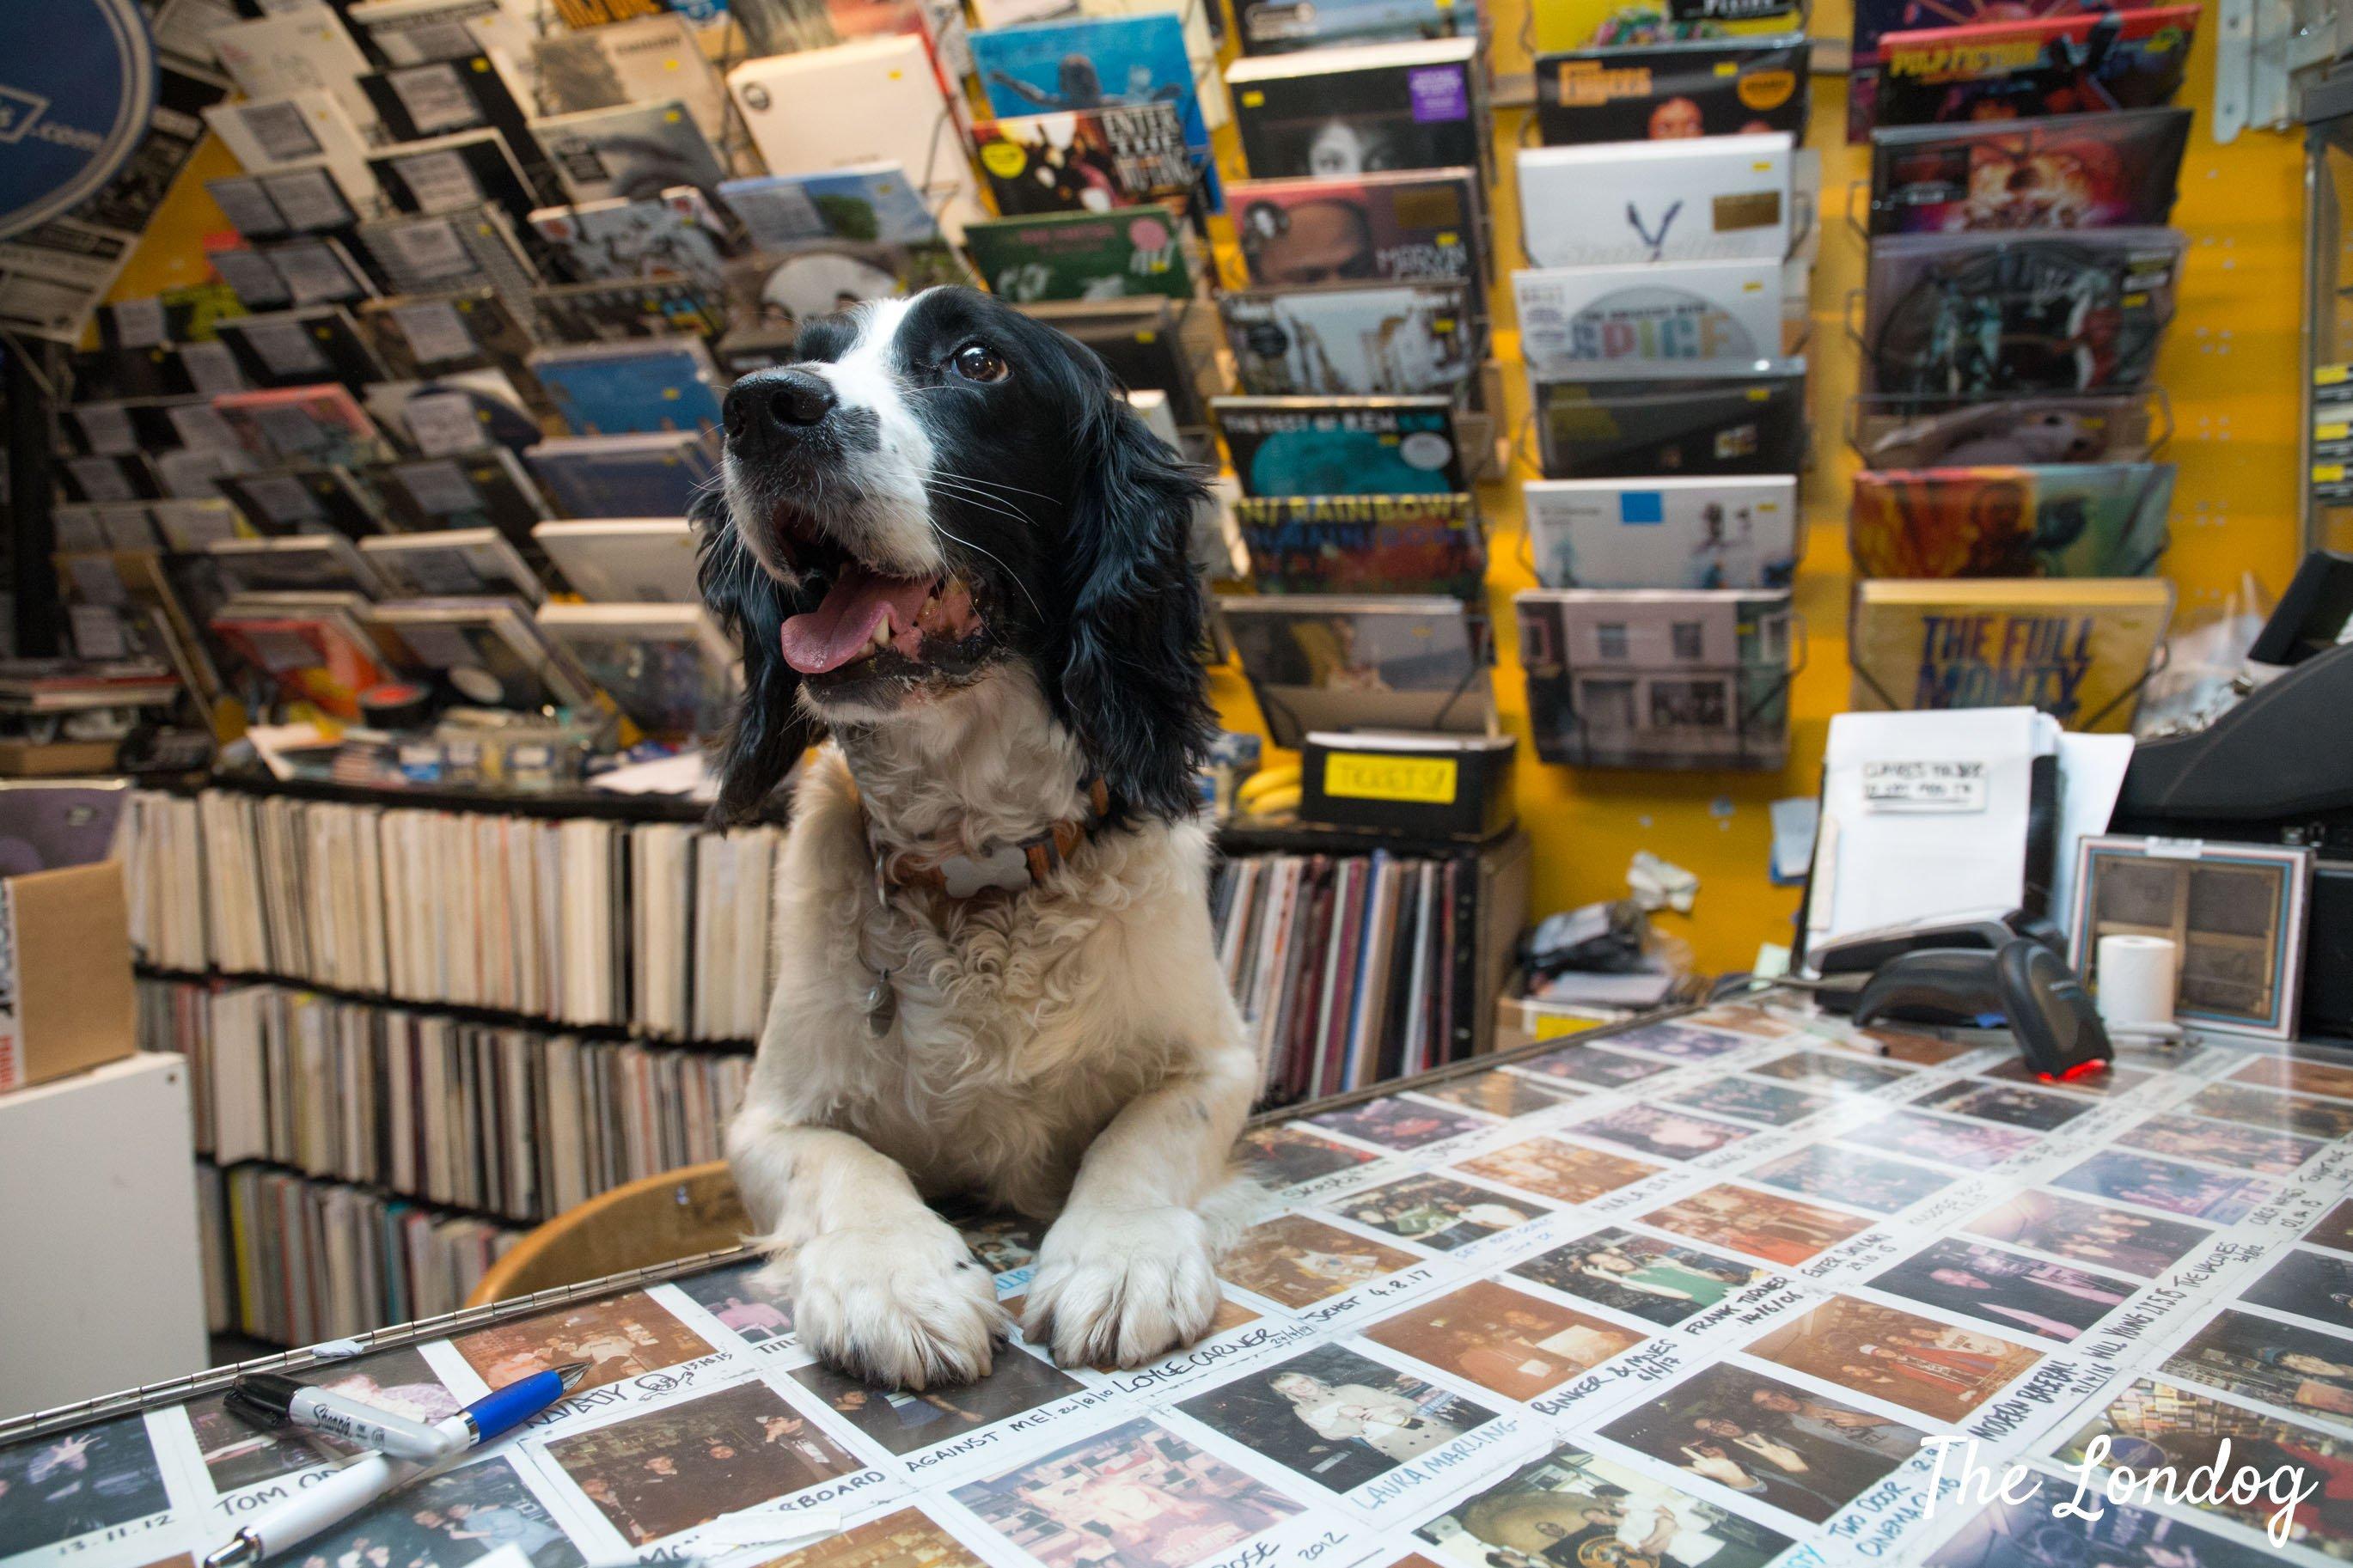 Dog at counter at Banquet Records store